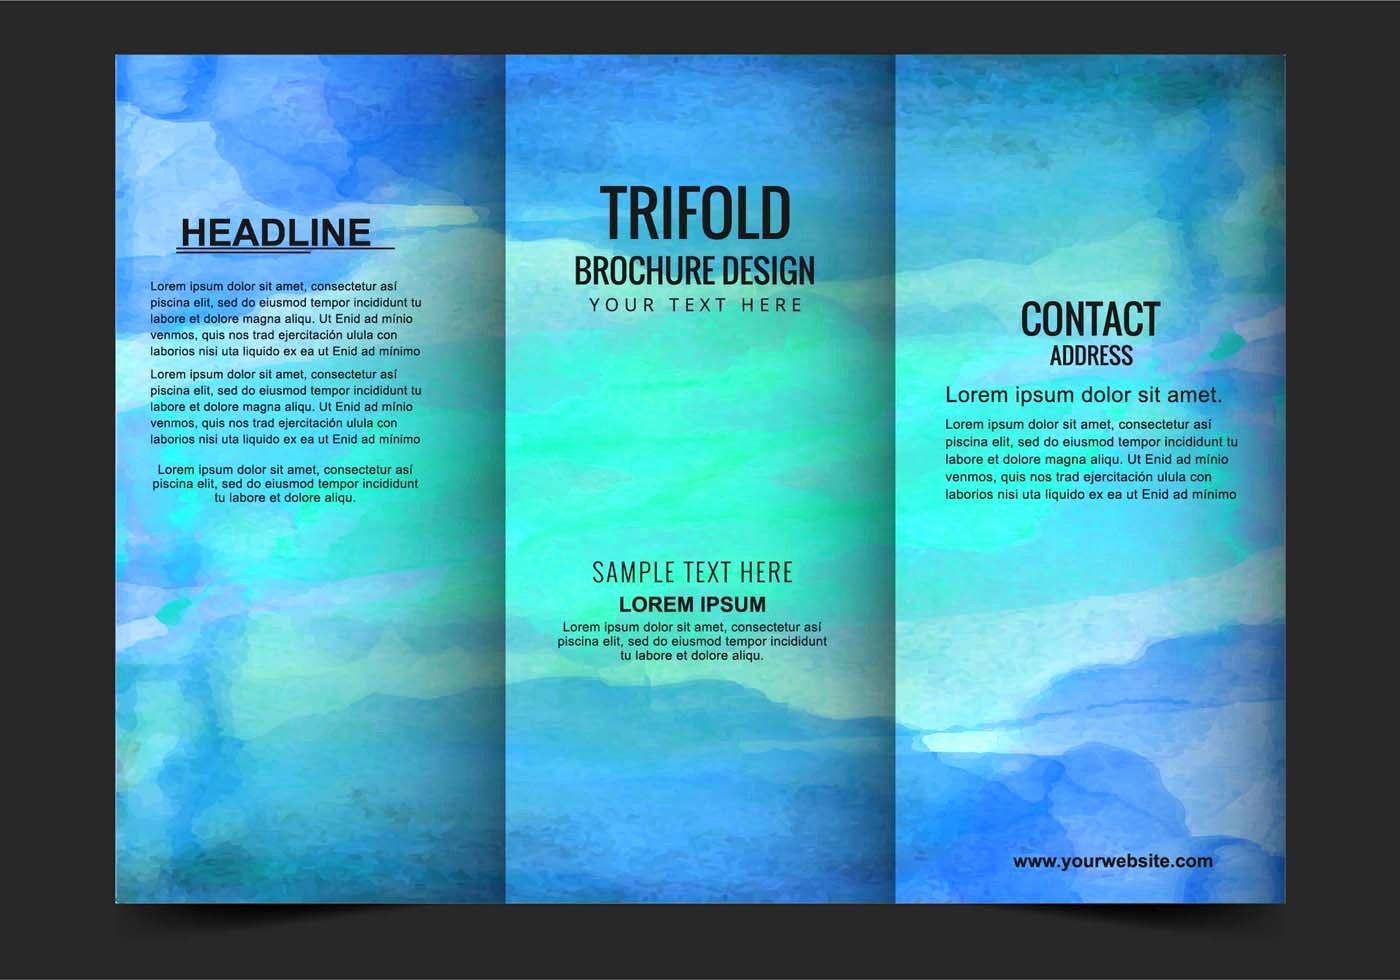 Tri Fold Brochure Free Template Unique Vector Modern Trifold Brochure Template Download Free